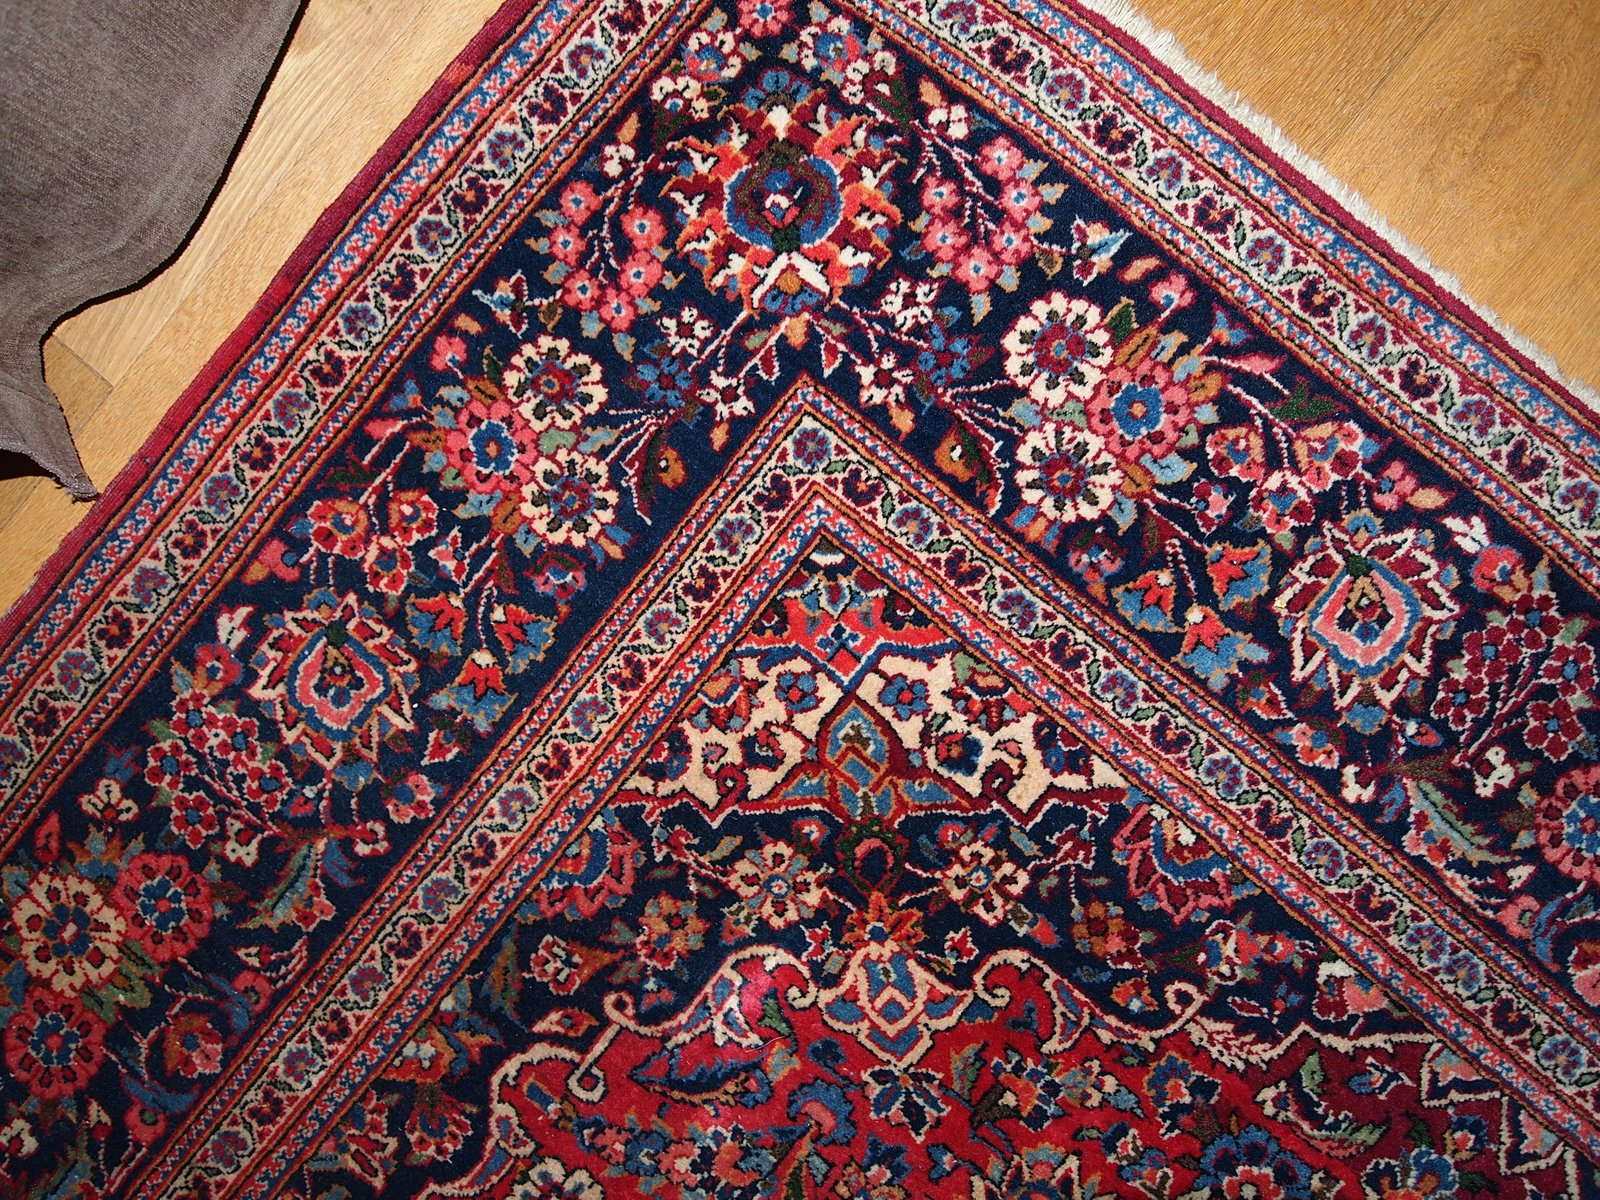 Vintage Persian Handmade Kashan Rug, 1920s